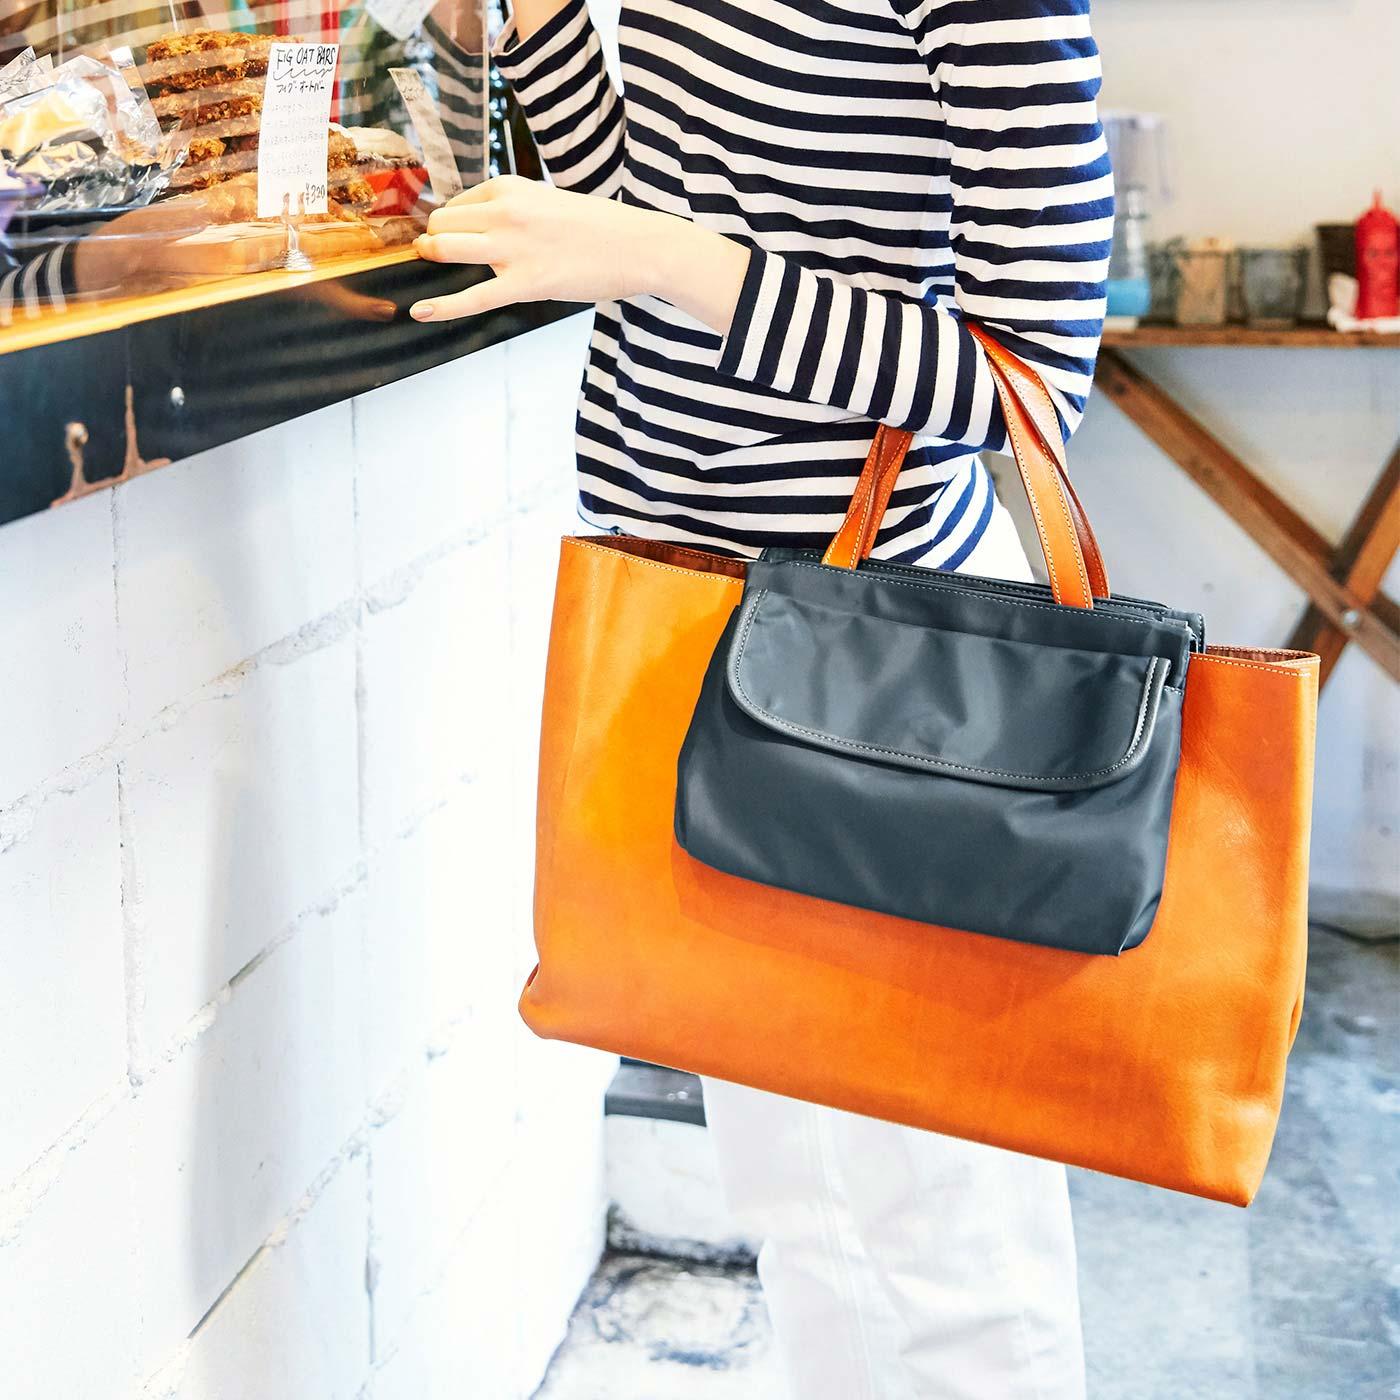 バッグに取り付ければ中身隠しに。こまごました物をサッと取り出せる外ポケットにもなってとっても便利。